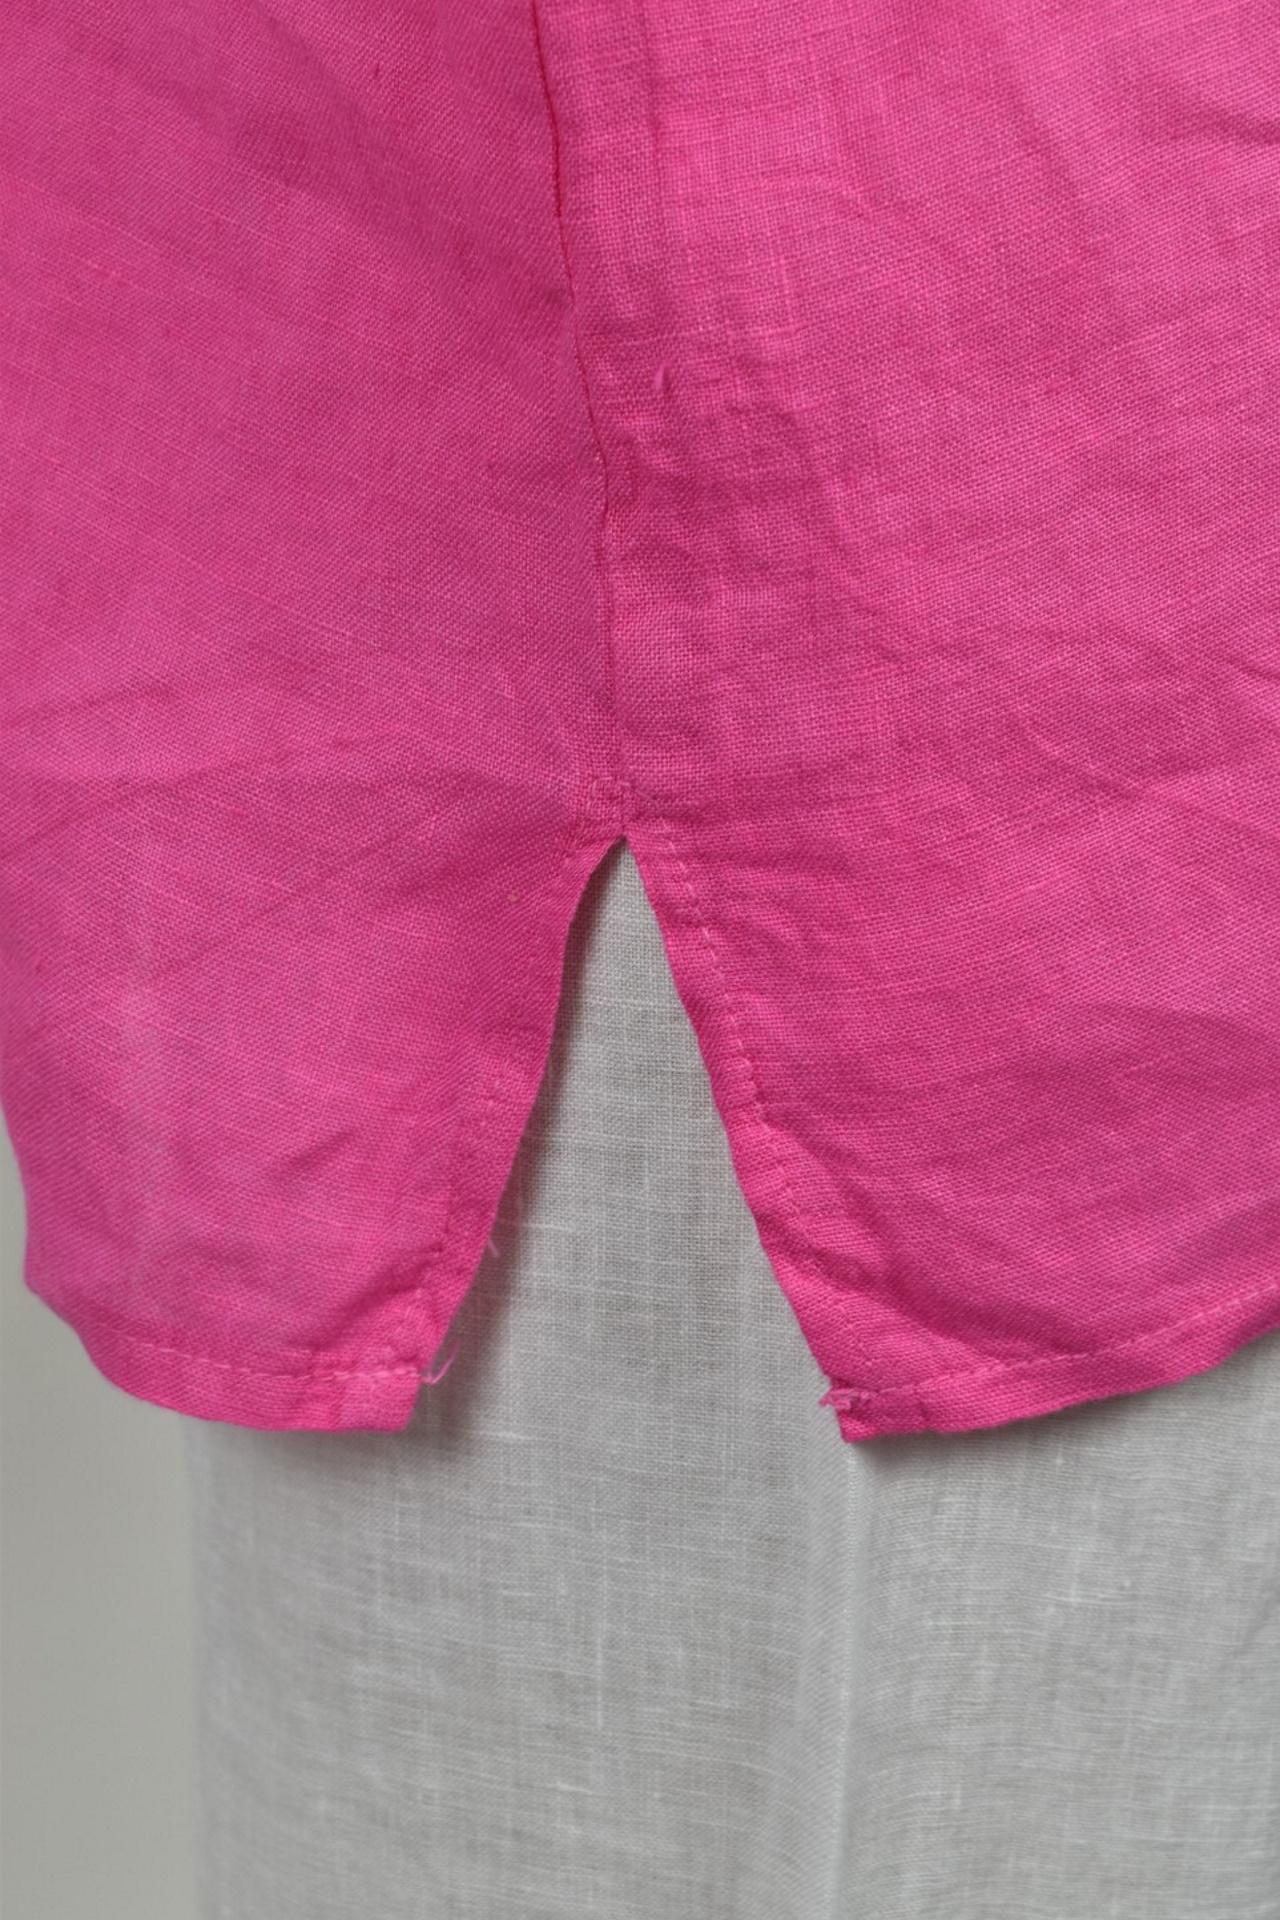 MAGMAXPE2101 FUCSIA MAGLIA DA DONNA GIROCOLLO CON MANICA A 34 100 LINO 3 1stAmerican maglia da donna girocollo con manica a 3/4 100% lino Made in Italy - t-shirt manica corta da donna mare in lino